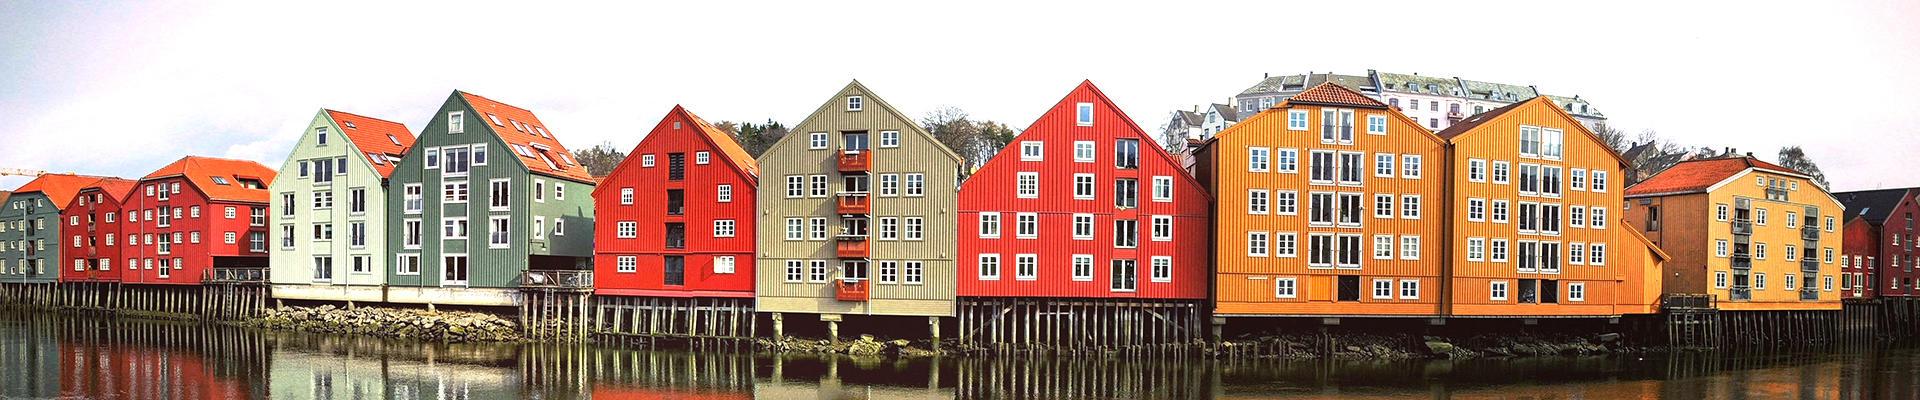 Panoramabilde av en bryggerekke med store bygninger med sterke farger i grønt, rødt, hvitt, grått og gult. Bryggene står langs en elv.